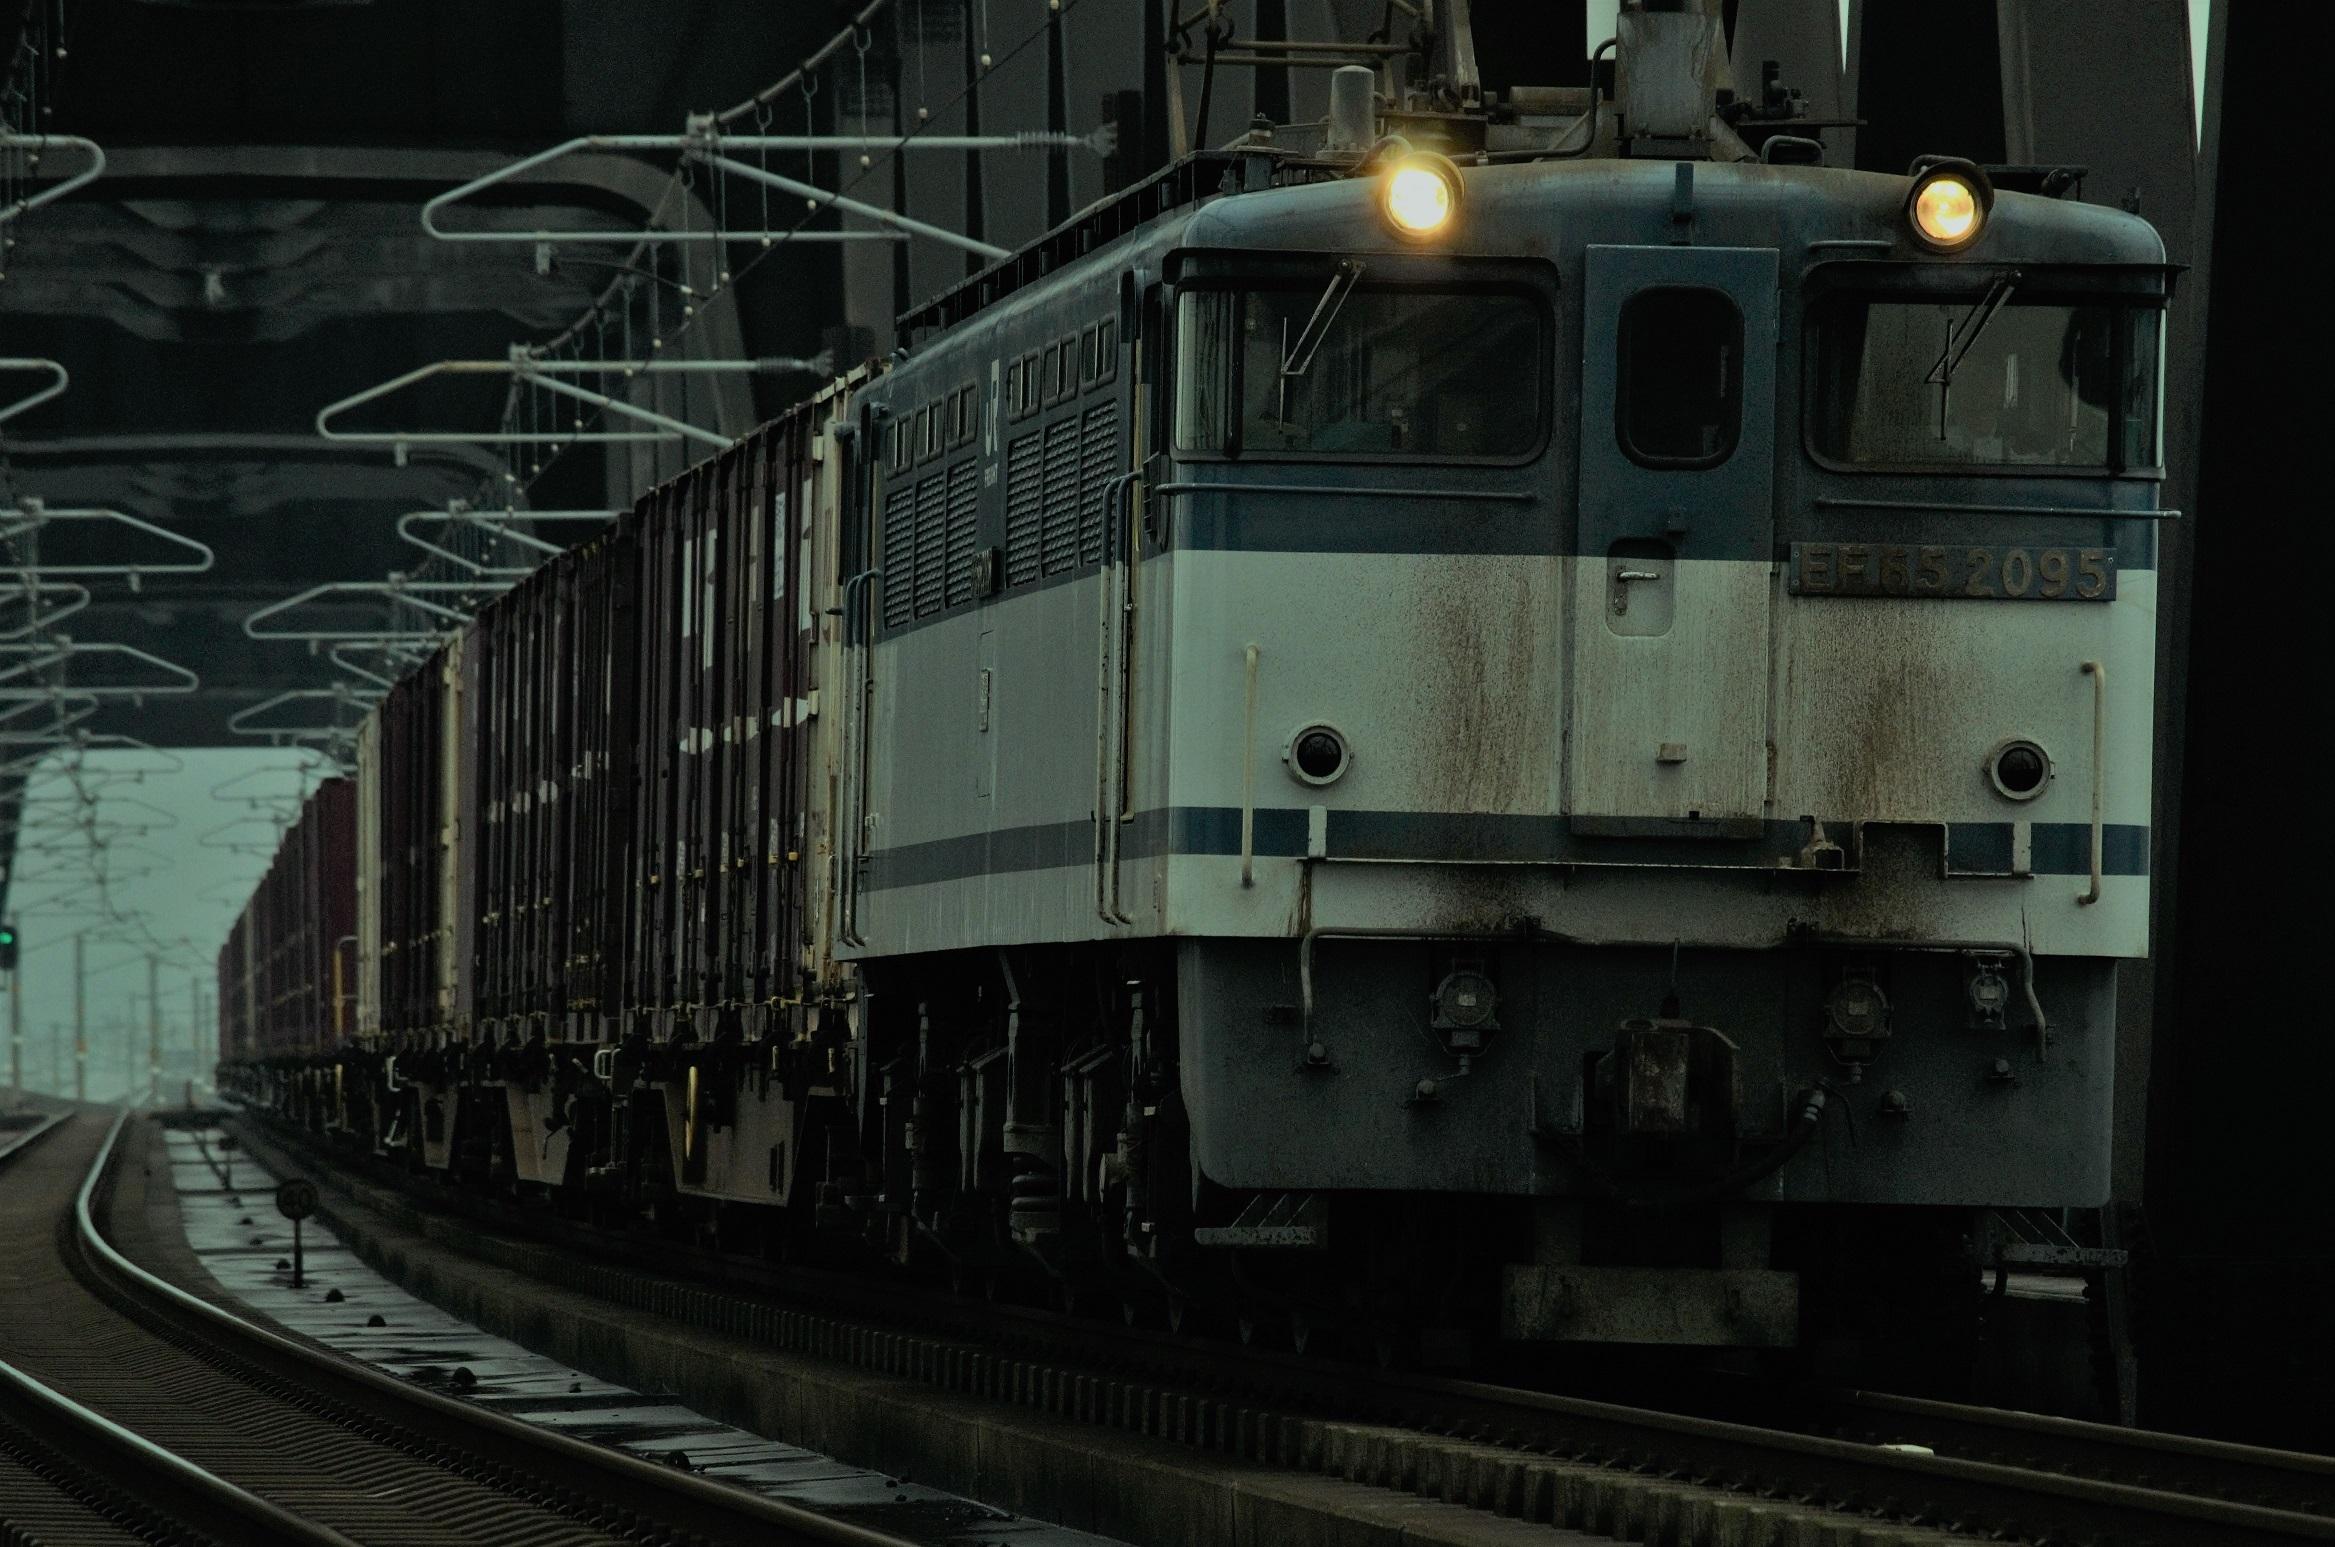 DSC_6026 (3)